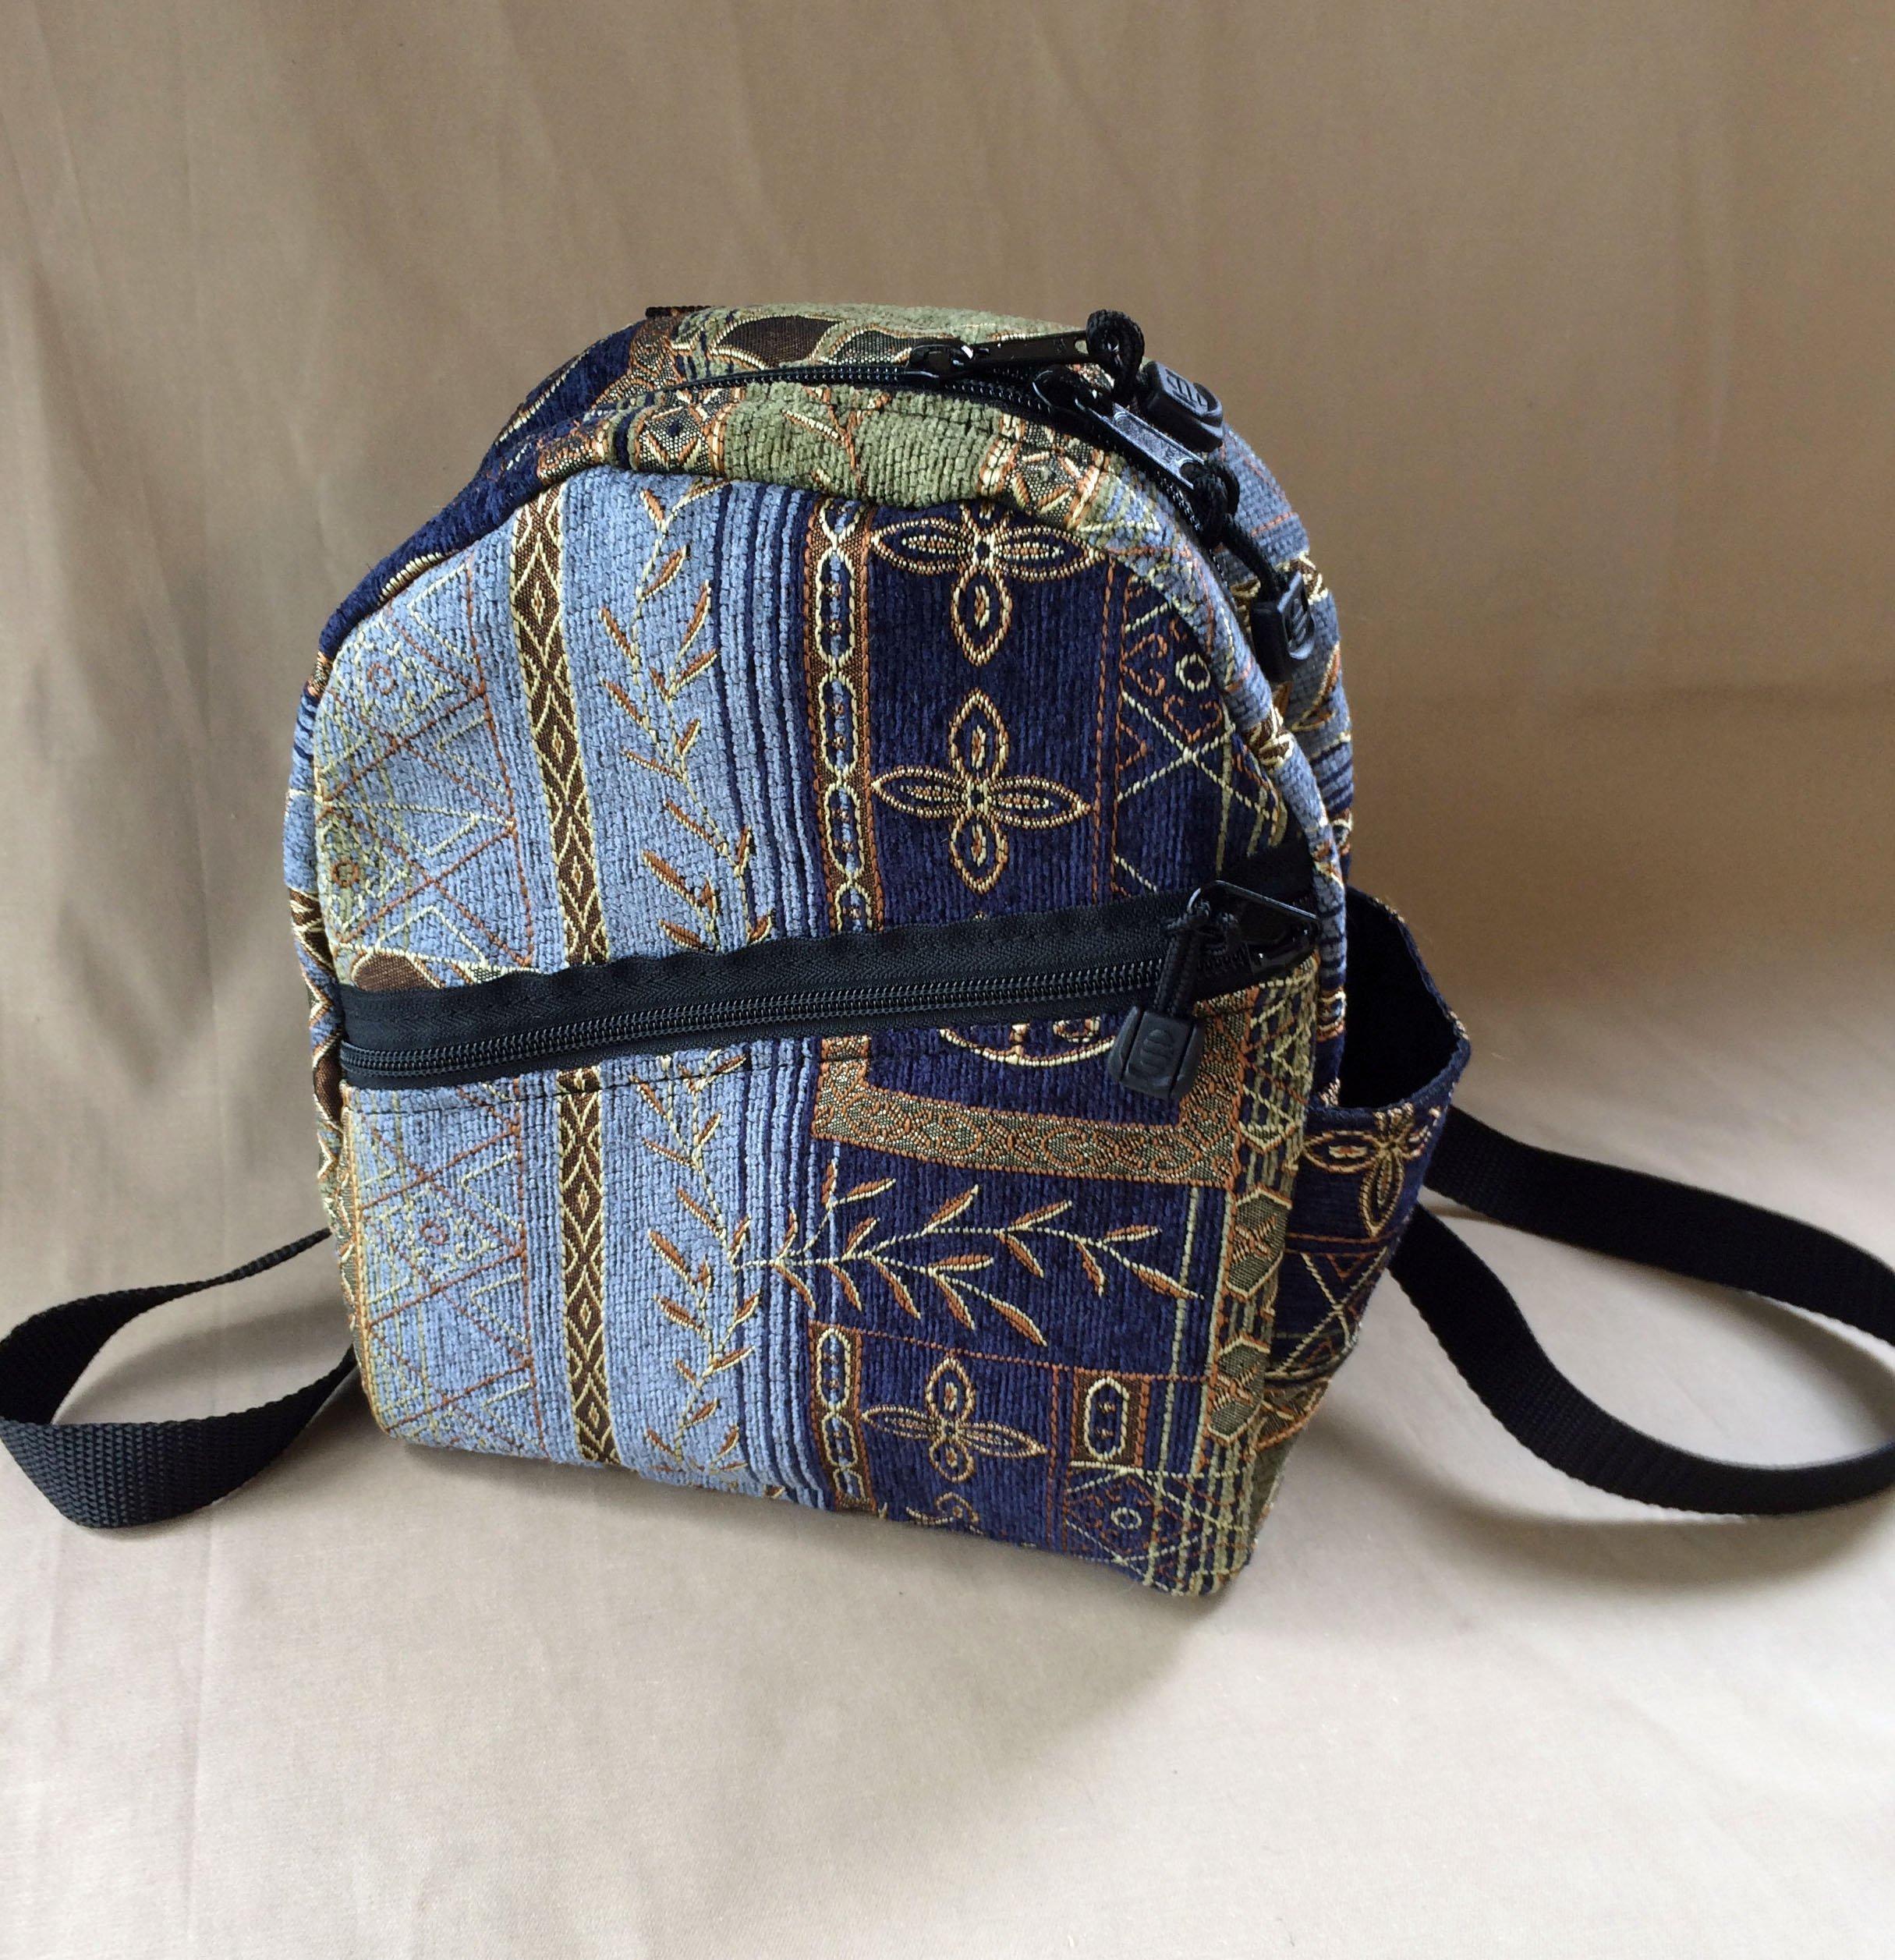 Ladies Backpack Purse Backpack Handbag handmade in Sapphire or Crimson Tapestry by MKI Bags